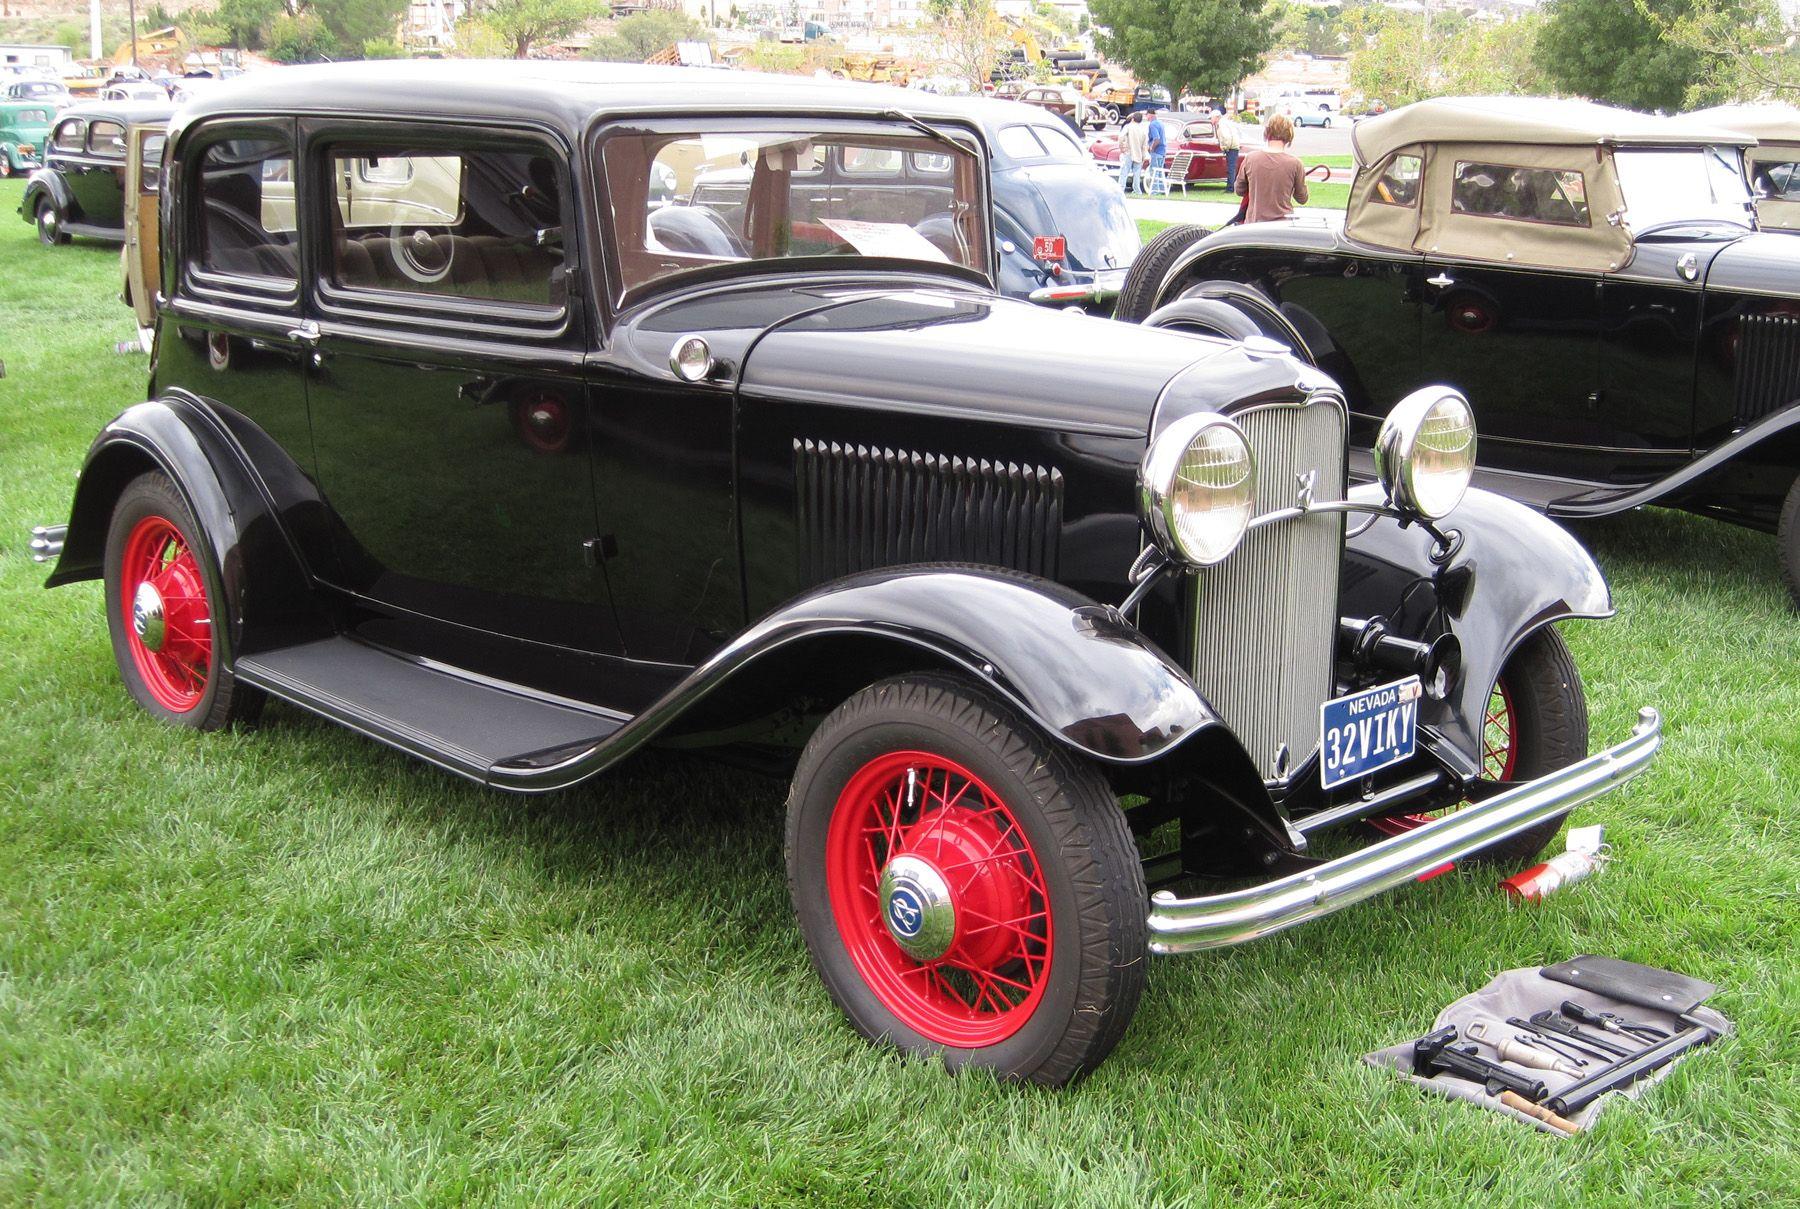 1932 ford v8 B-400 - Google Search | 32-34 Ford V8s | Pinterest ...